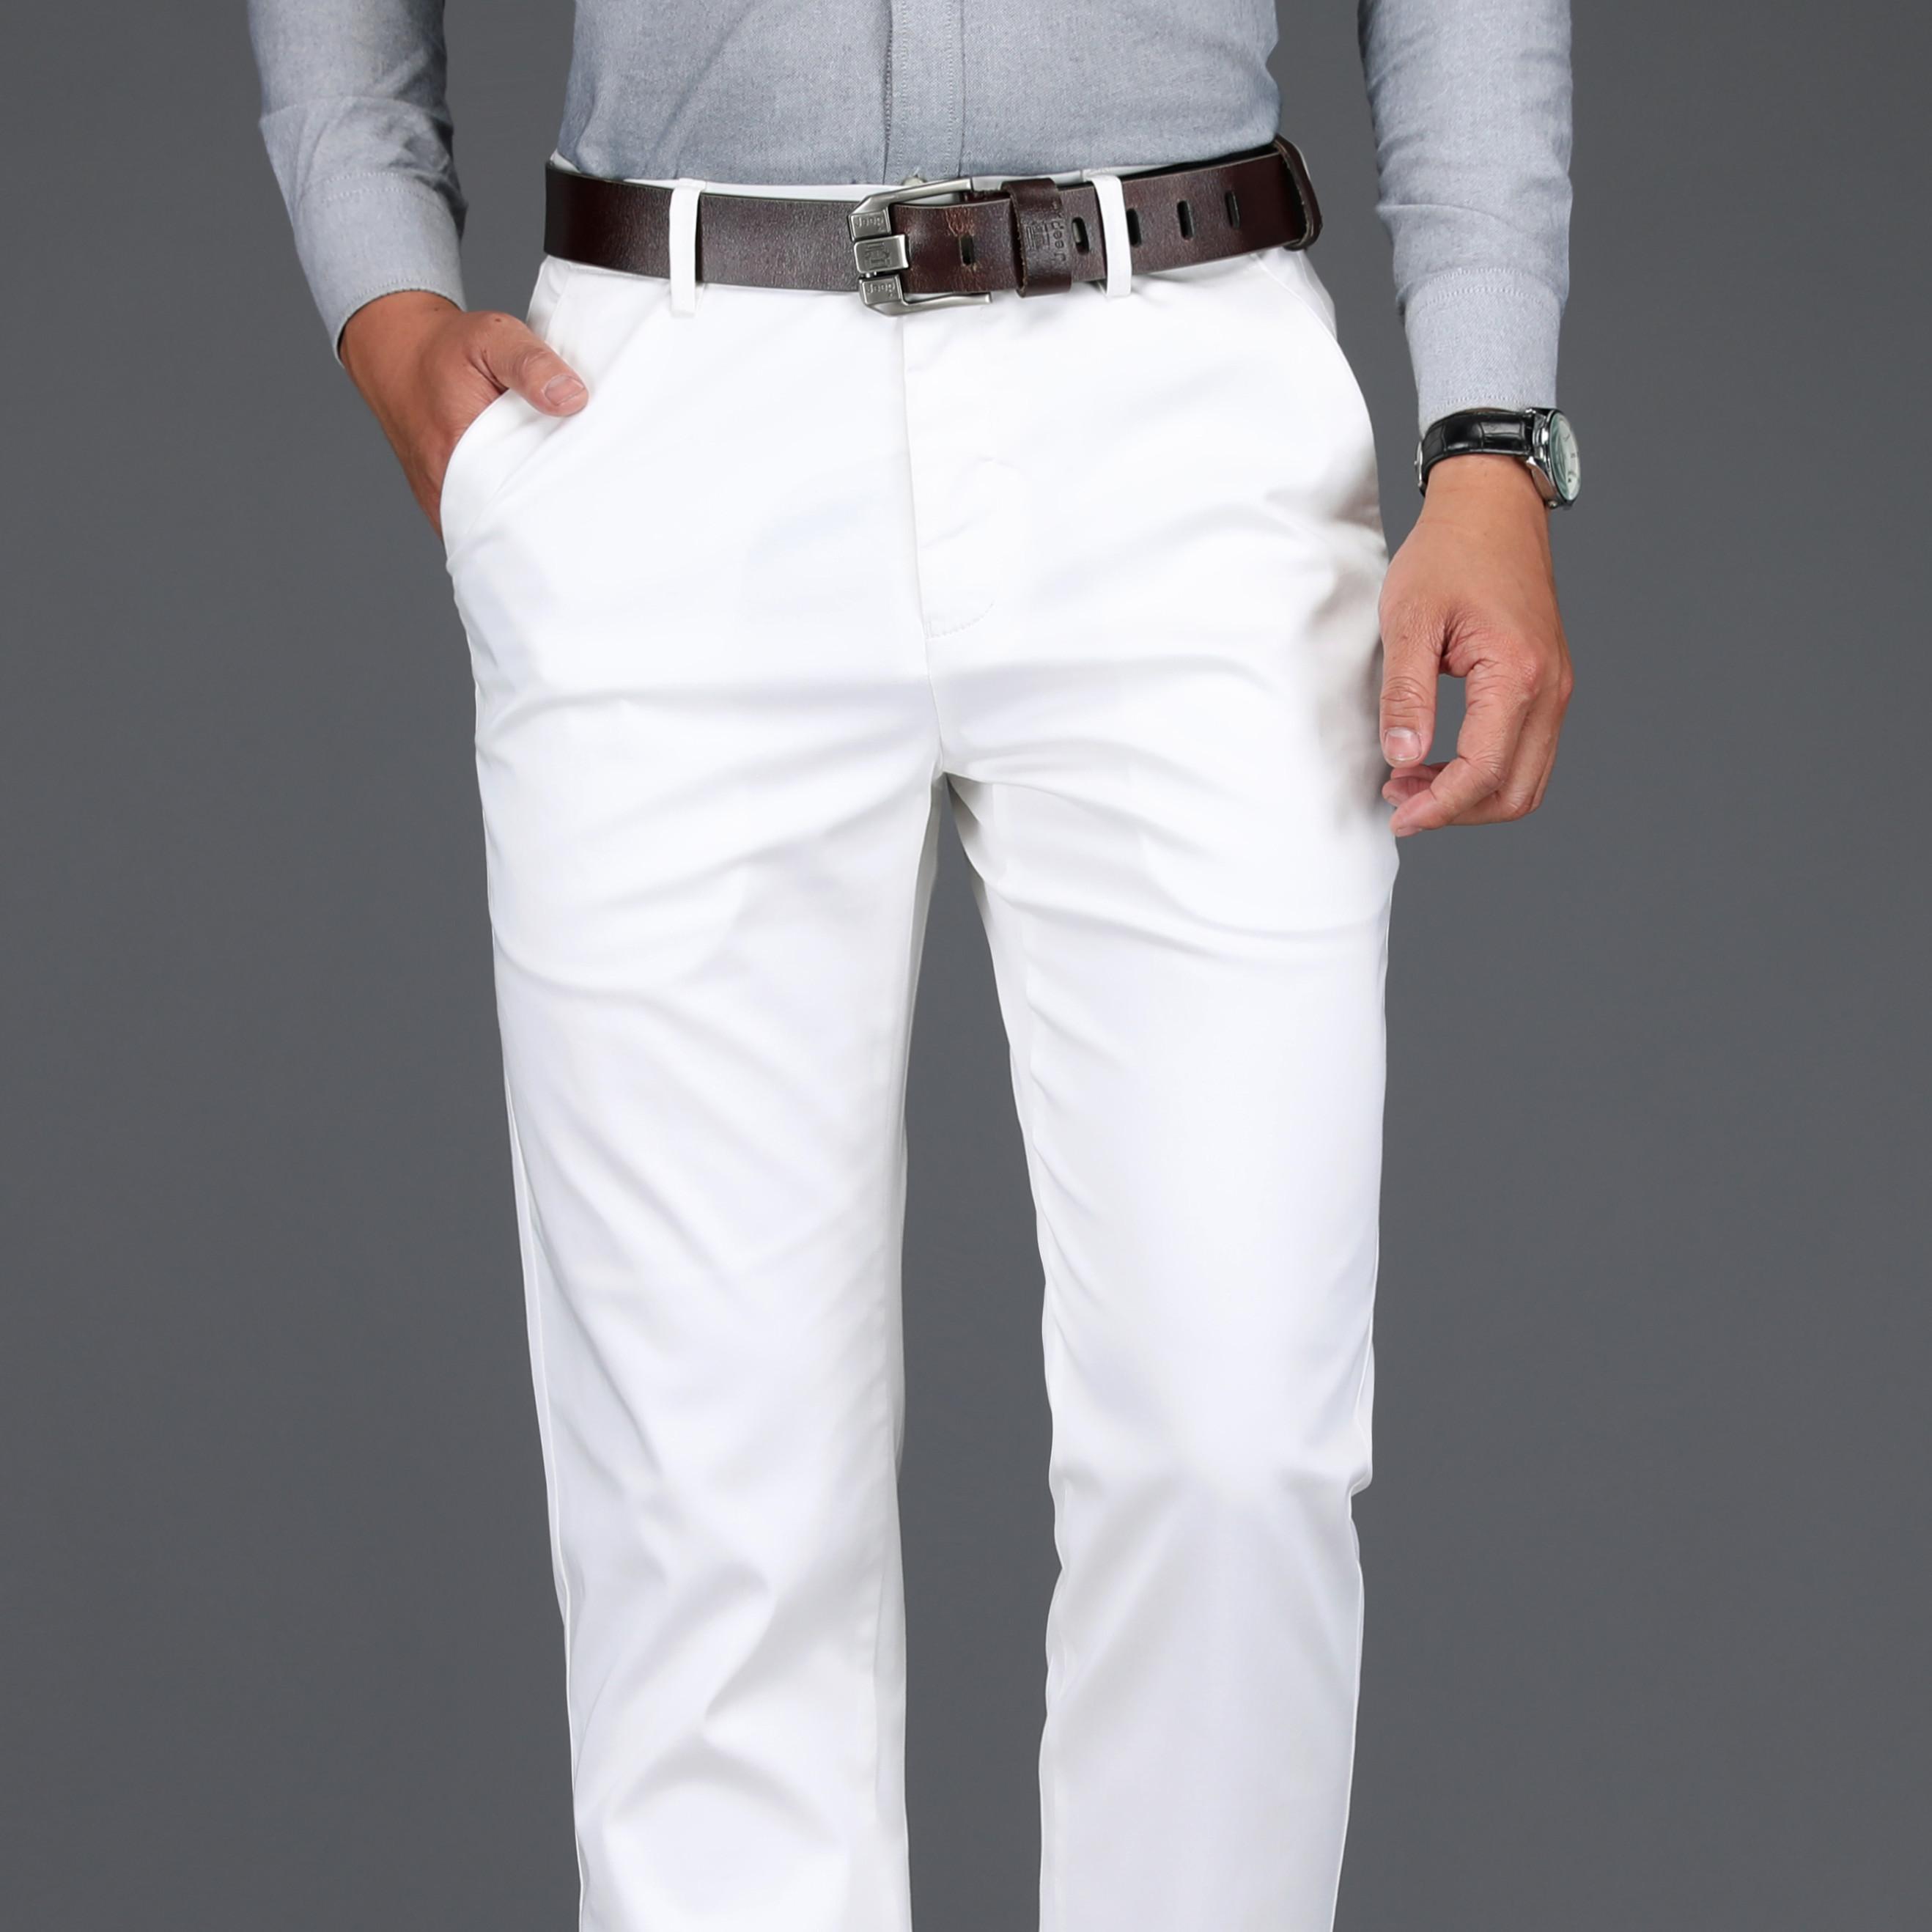 假一赔十纯白色春夏季商务男裤冰丝棉宽松免烫直筒中年男士休闲裤薄款长裤